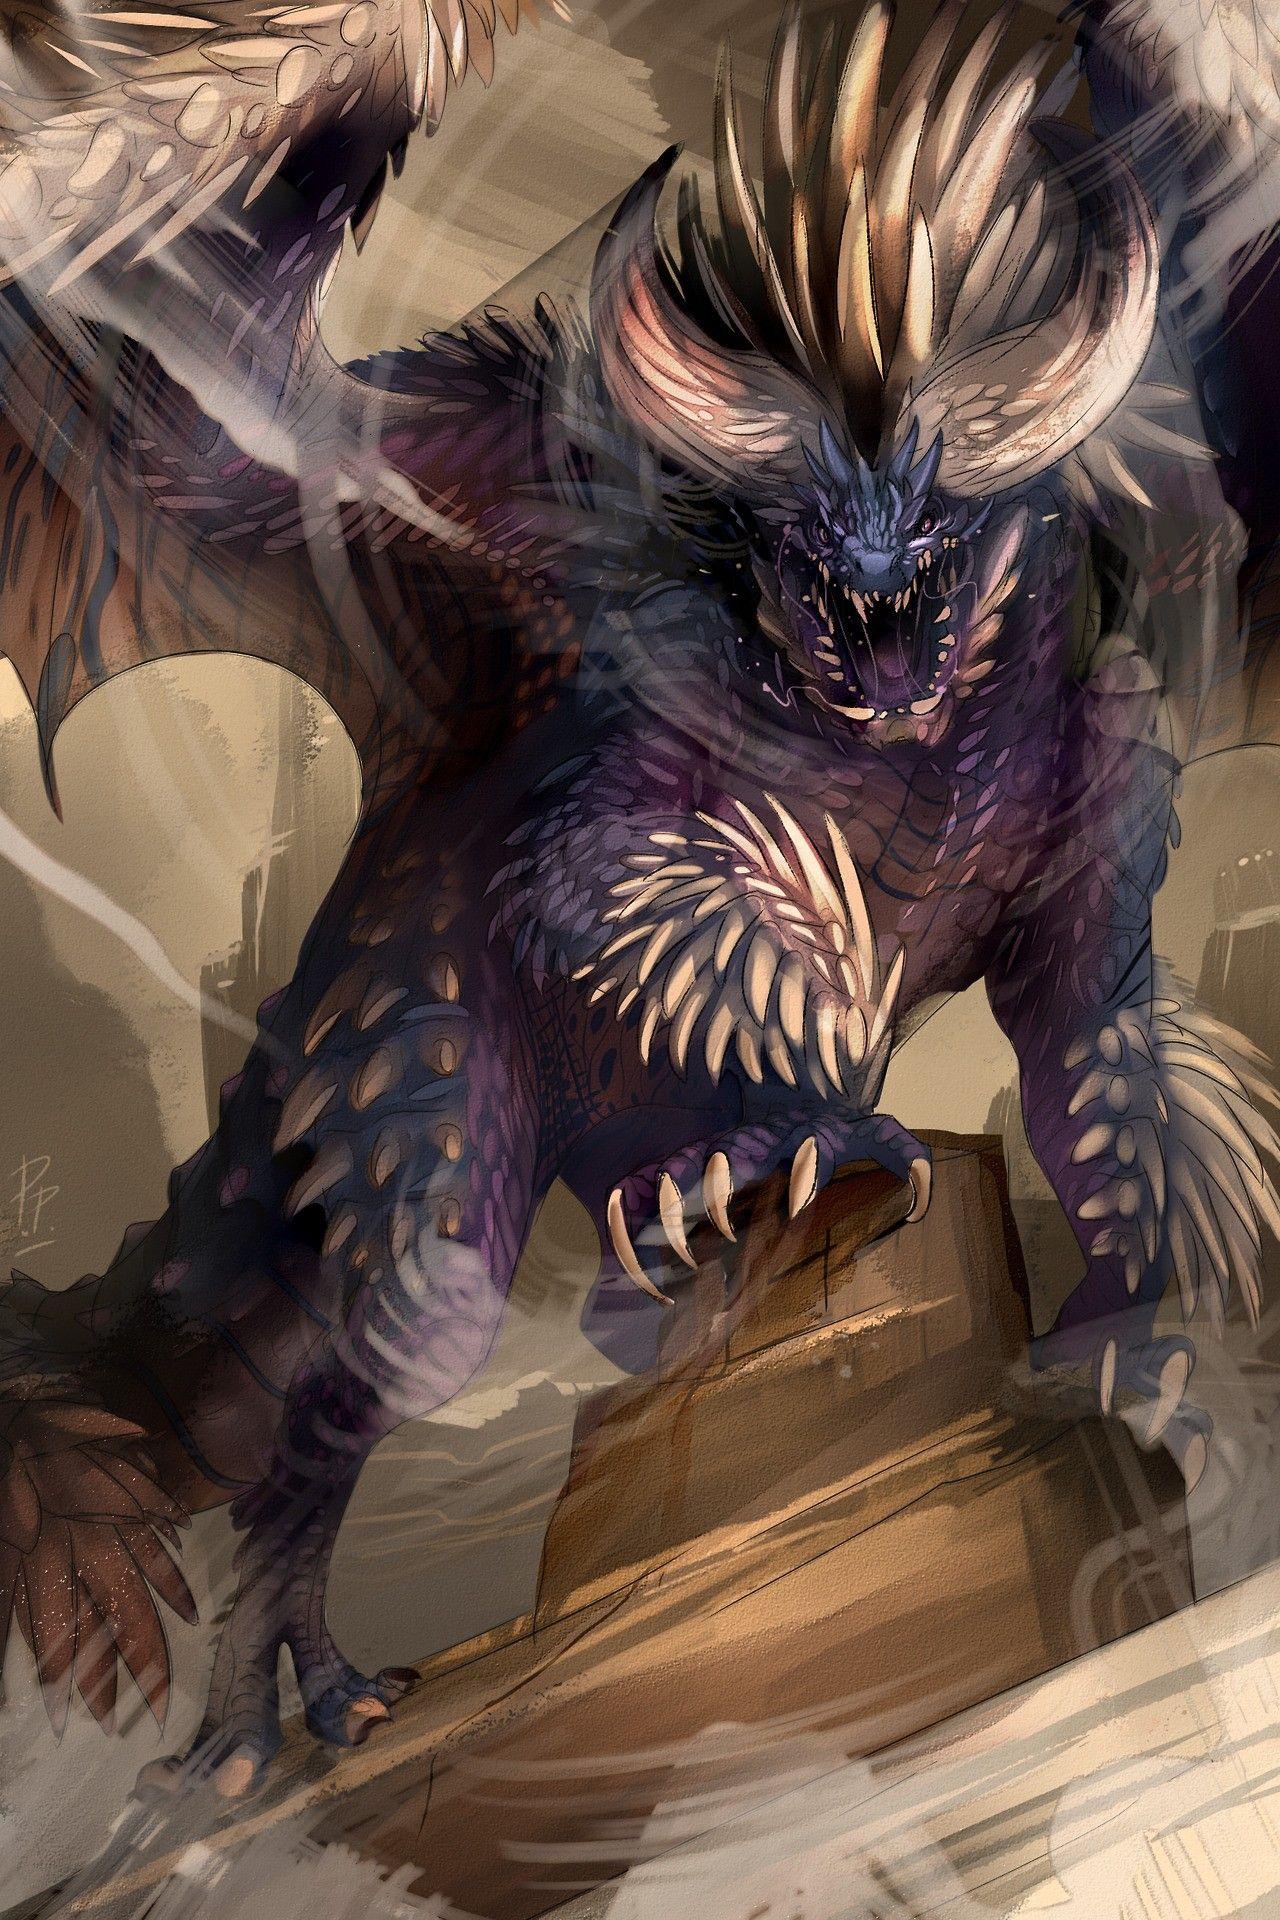 Nergigante Monster Hunter Monster Hunter Art Monster Hunter World